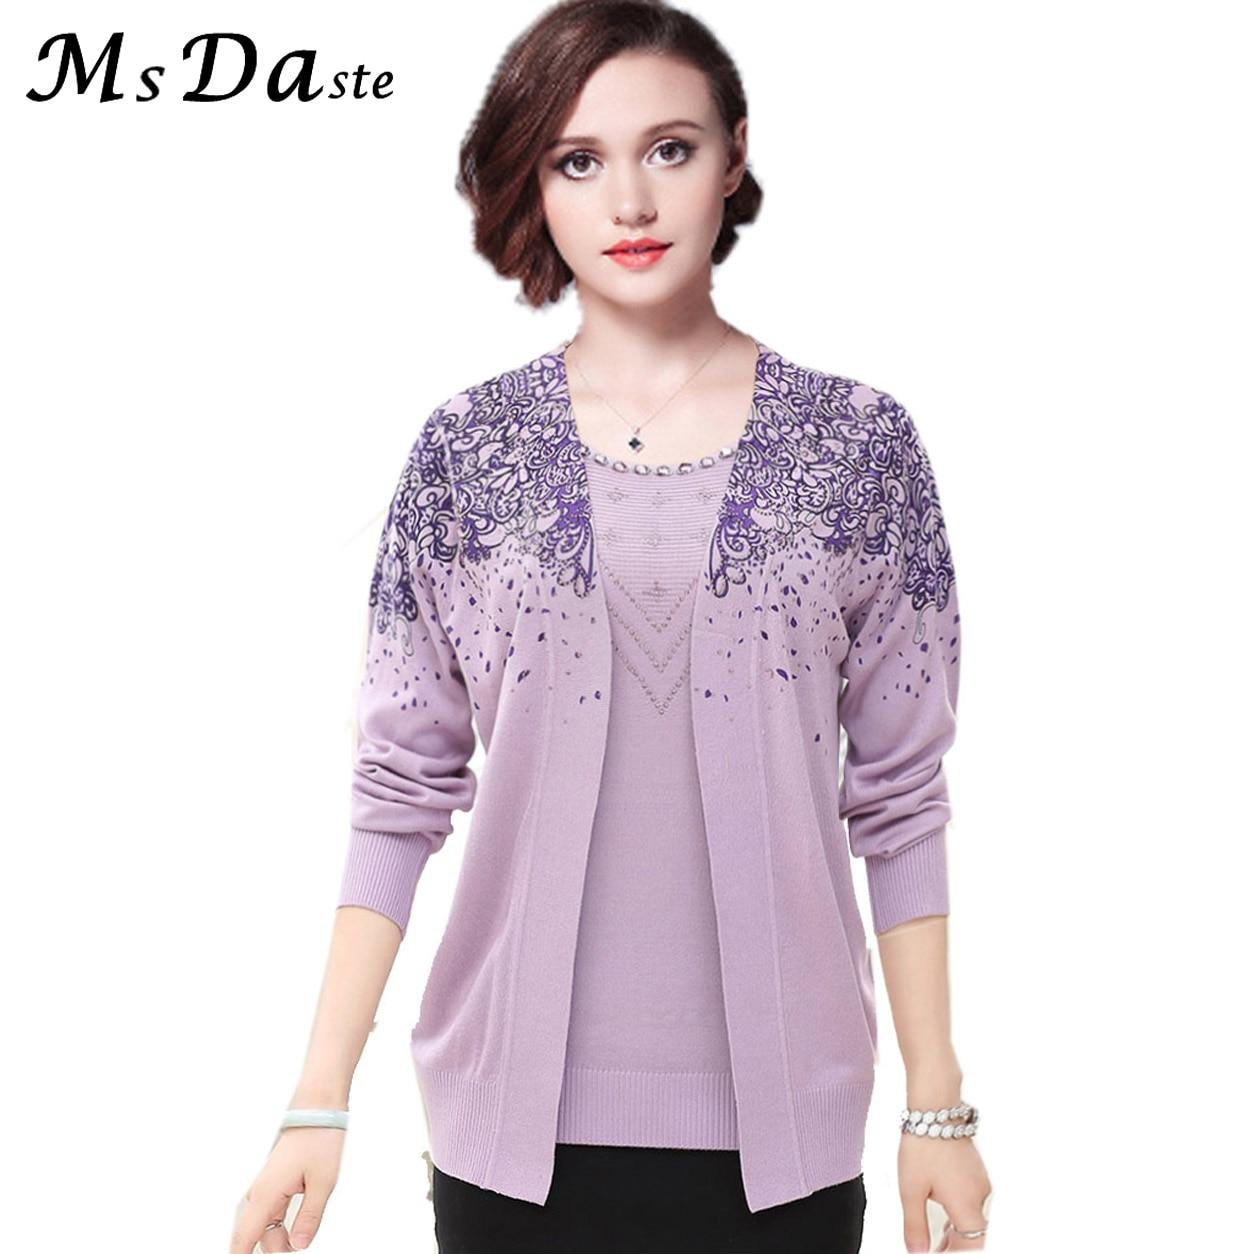 Женский свитер, осенний комплект из 2 предметов, футболка с цветочным принтом + блузка, Зимний пуловер, большой размер M ~ 3XL, 9 цветов, 2018